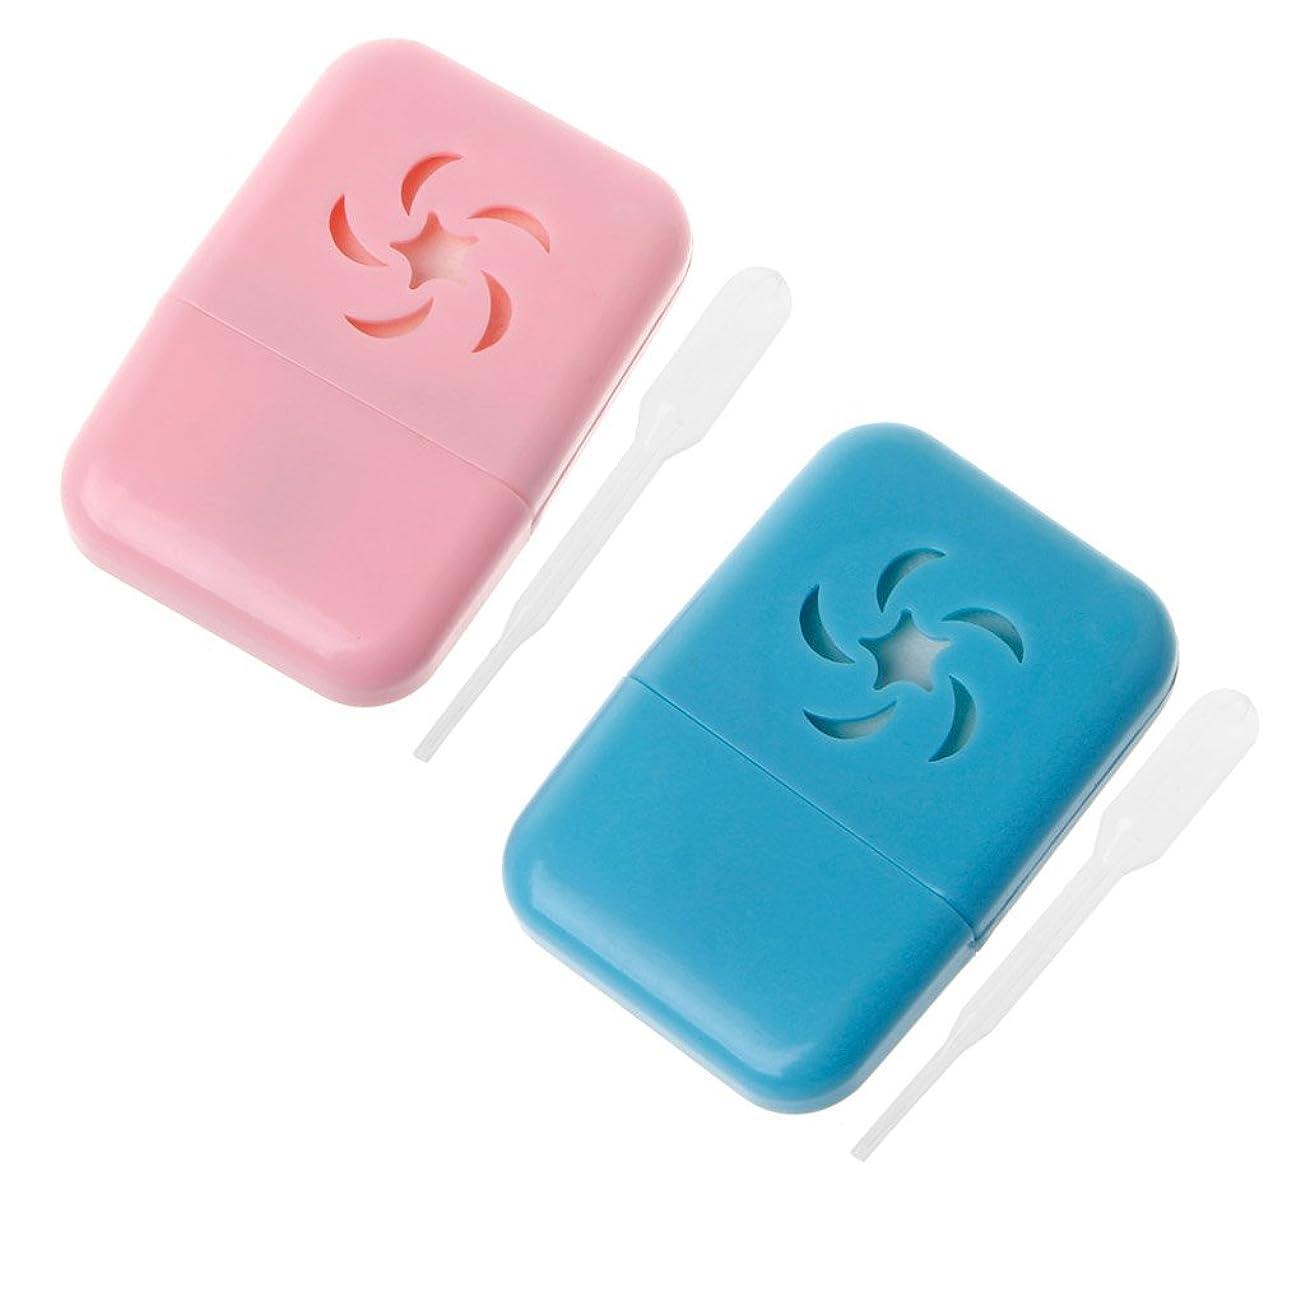 涙サーバントリファインSimpleLife USB車アロマセラピーディフューザーアロマ加湿器エッセンシャルオイルフレッシュポータブルカラーランダムで3.7x5.5cm / 1.46x2.17in